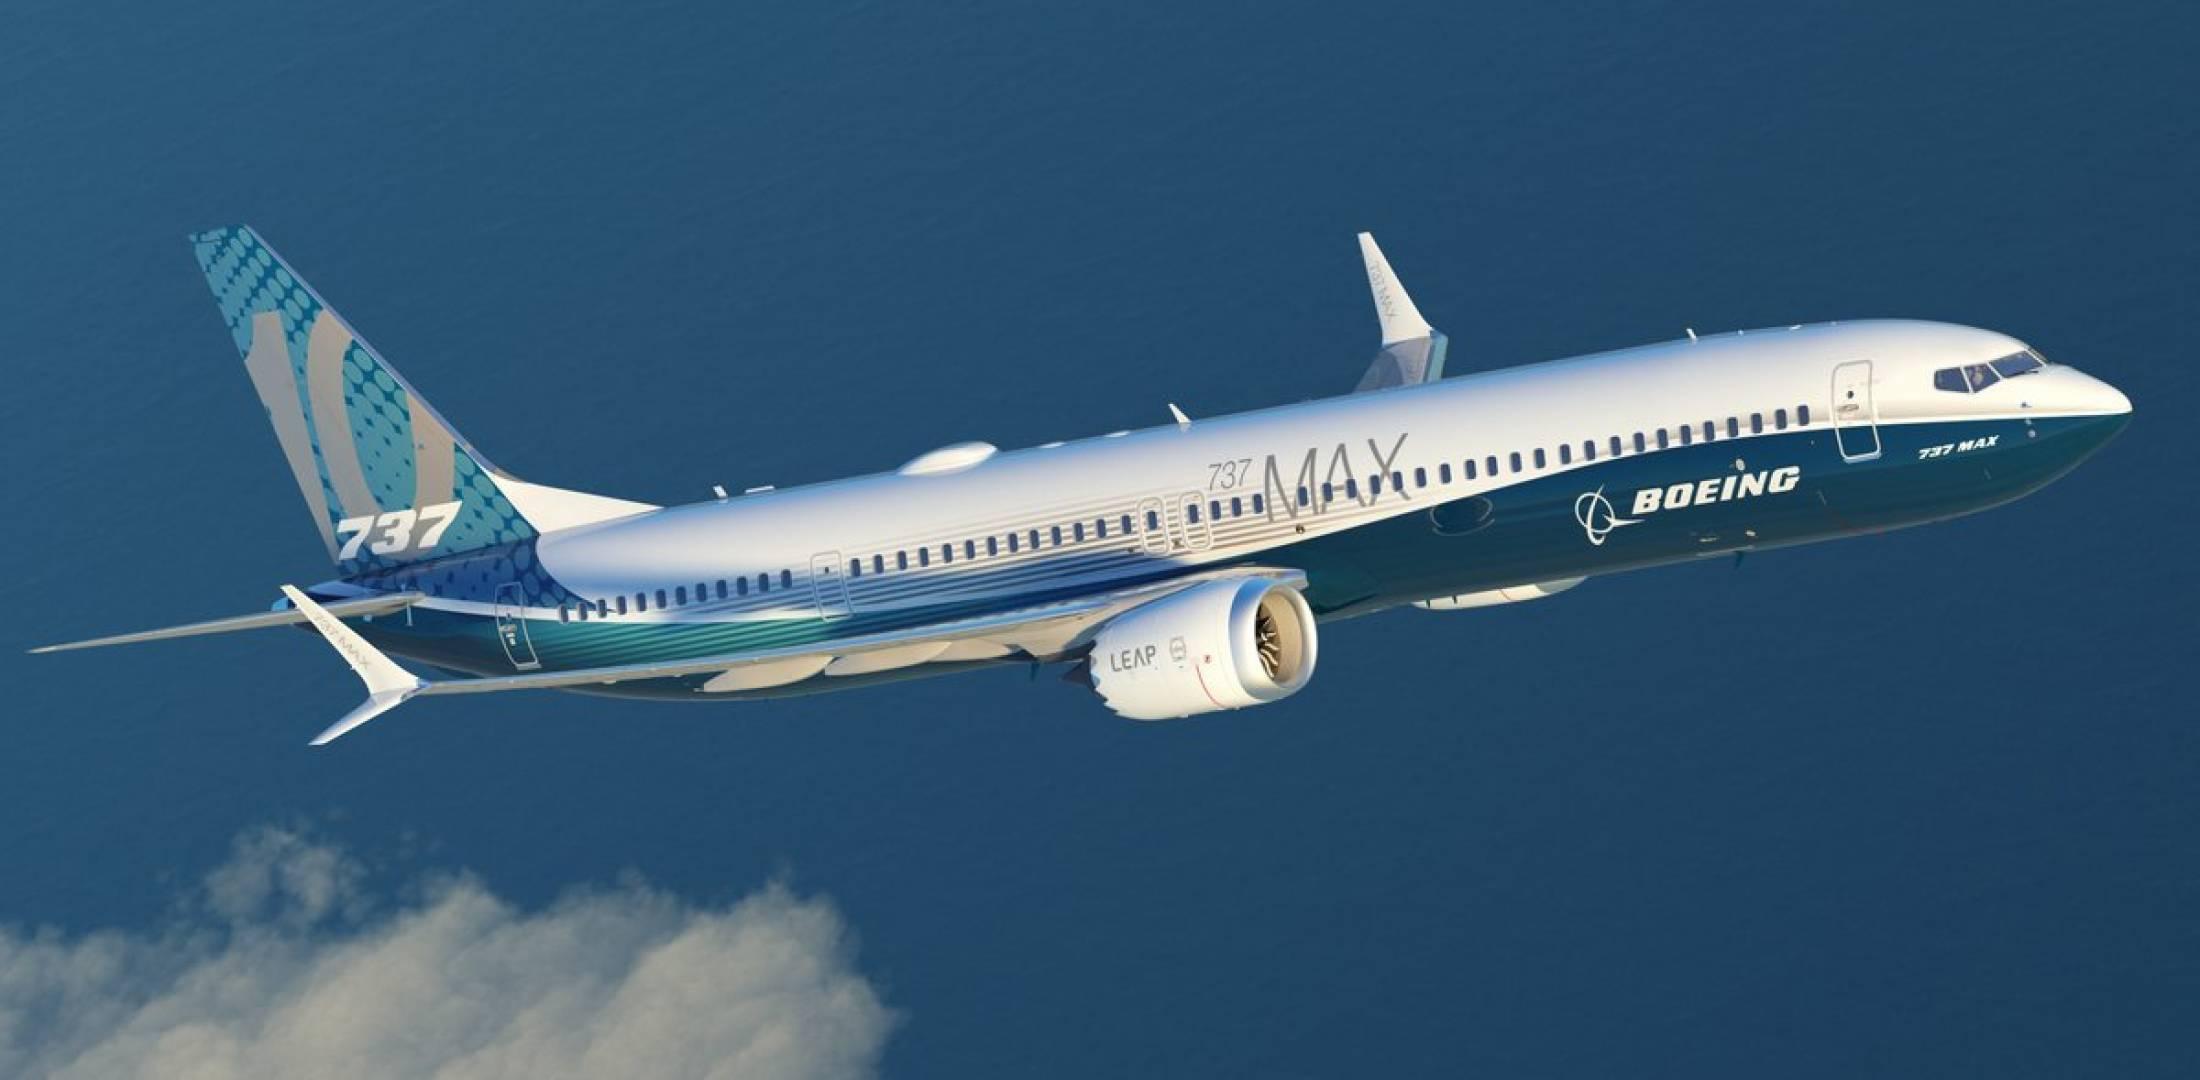 Իրանը փակեց իր օդային տարածությունը Boeing 737 MAX ինքնաթիռների համար